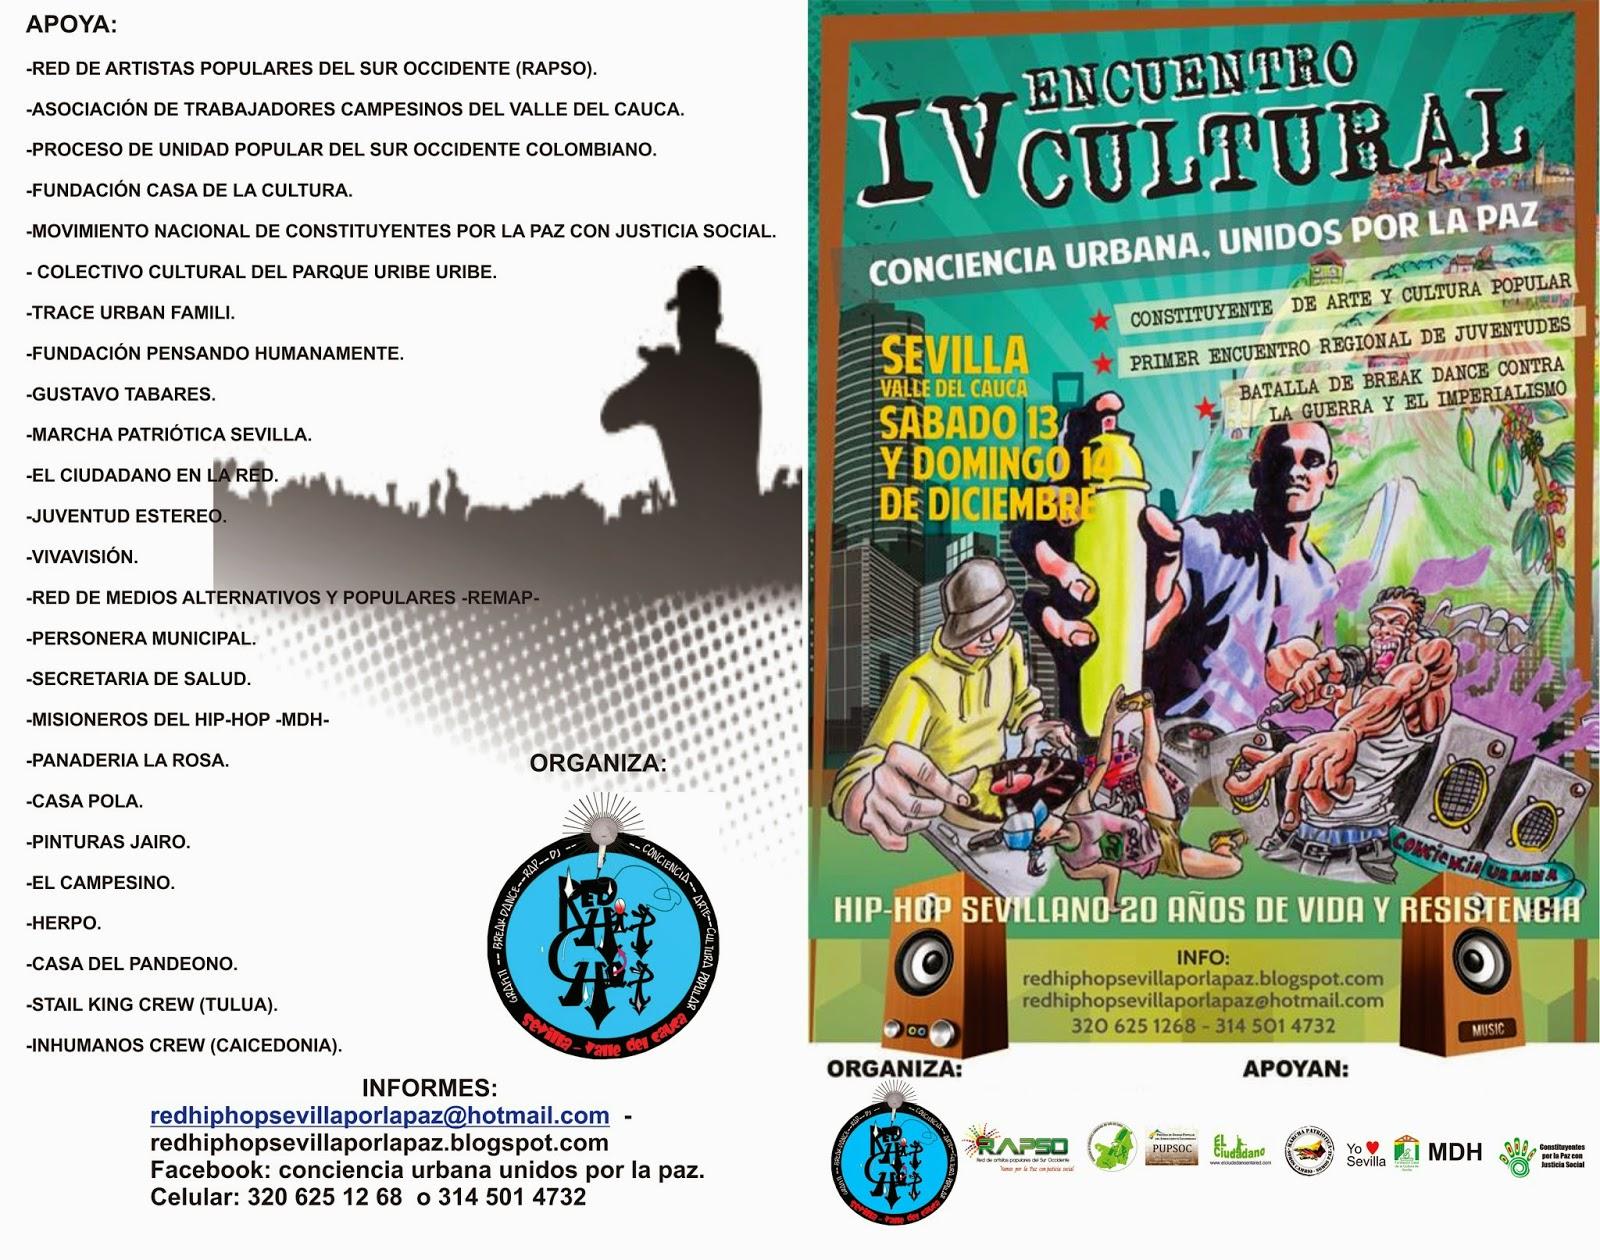 Arte Y Cultura Sevilla Motivos: Constituyente De Arte Y Cultura Popular